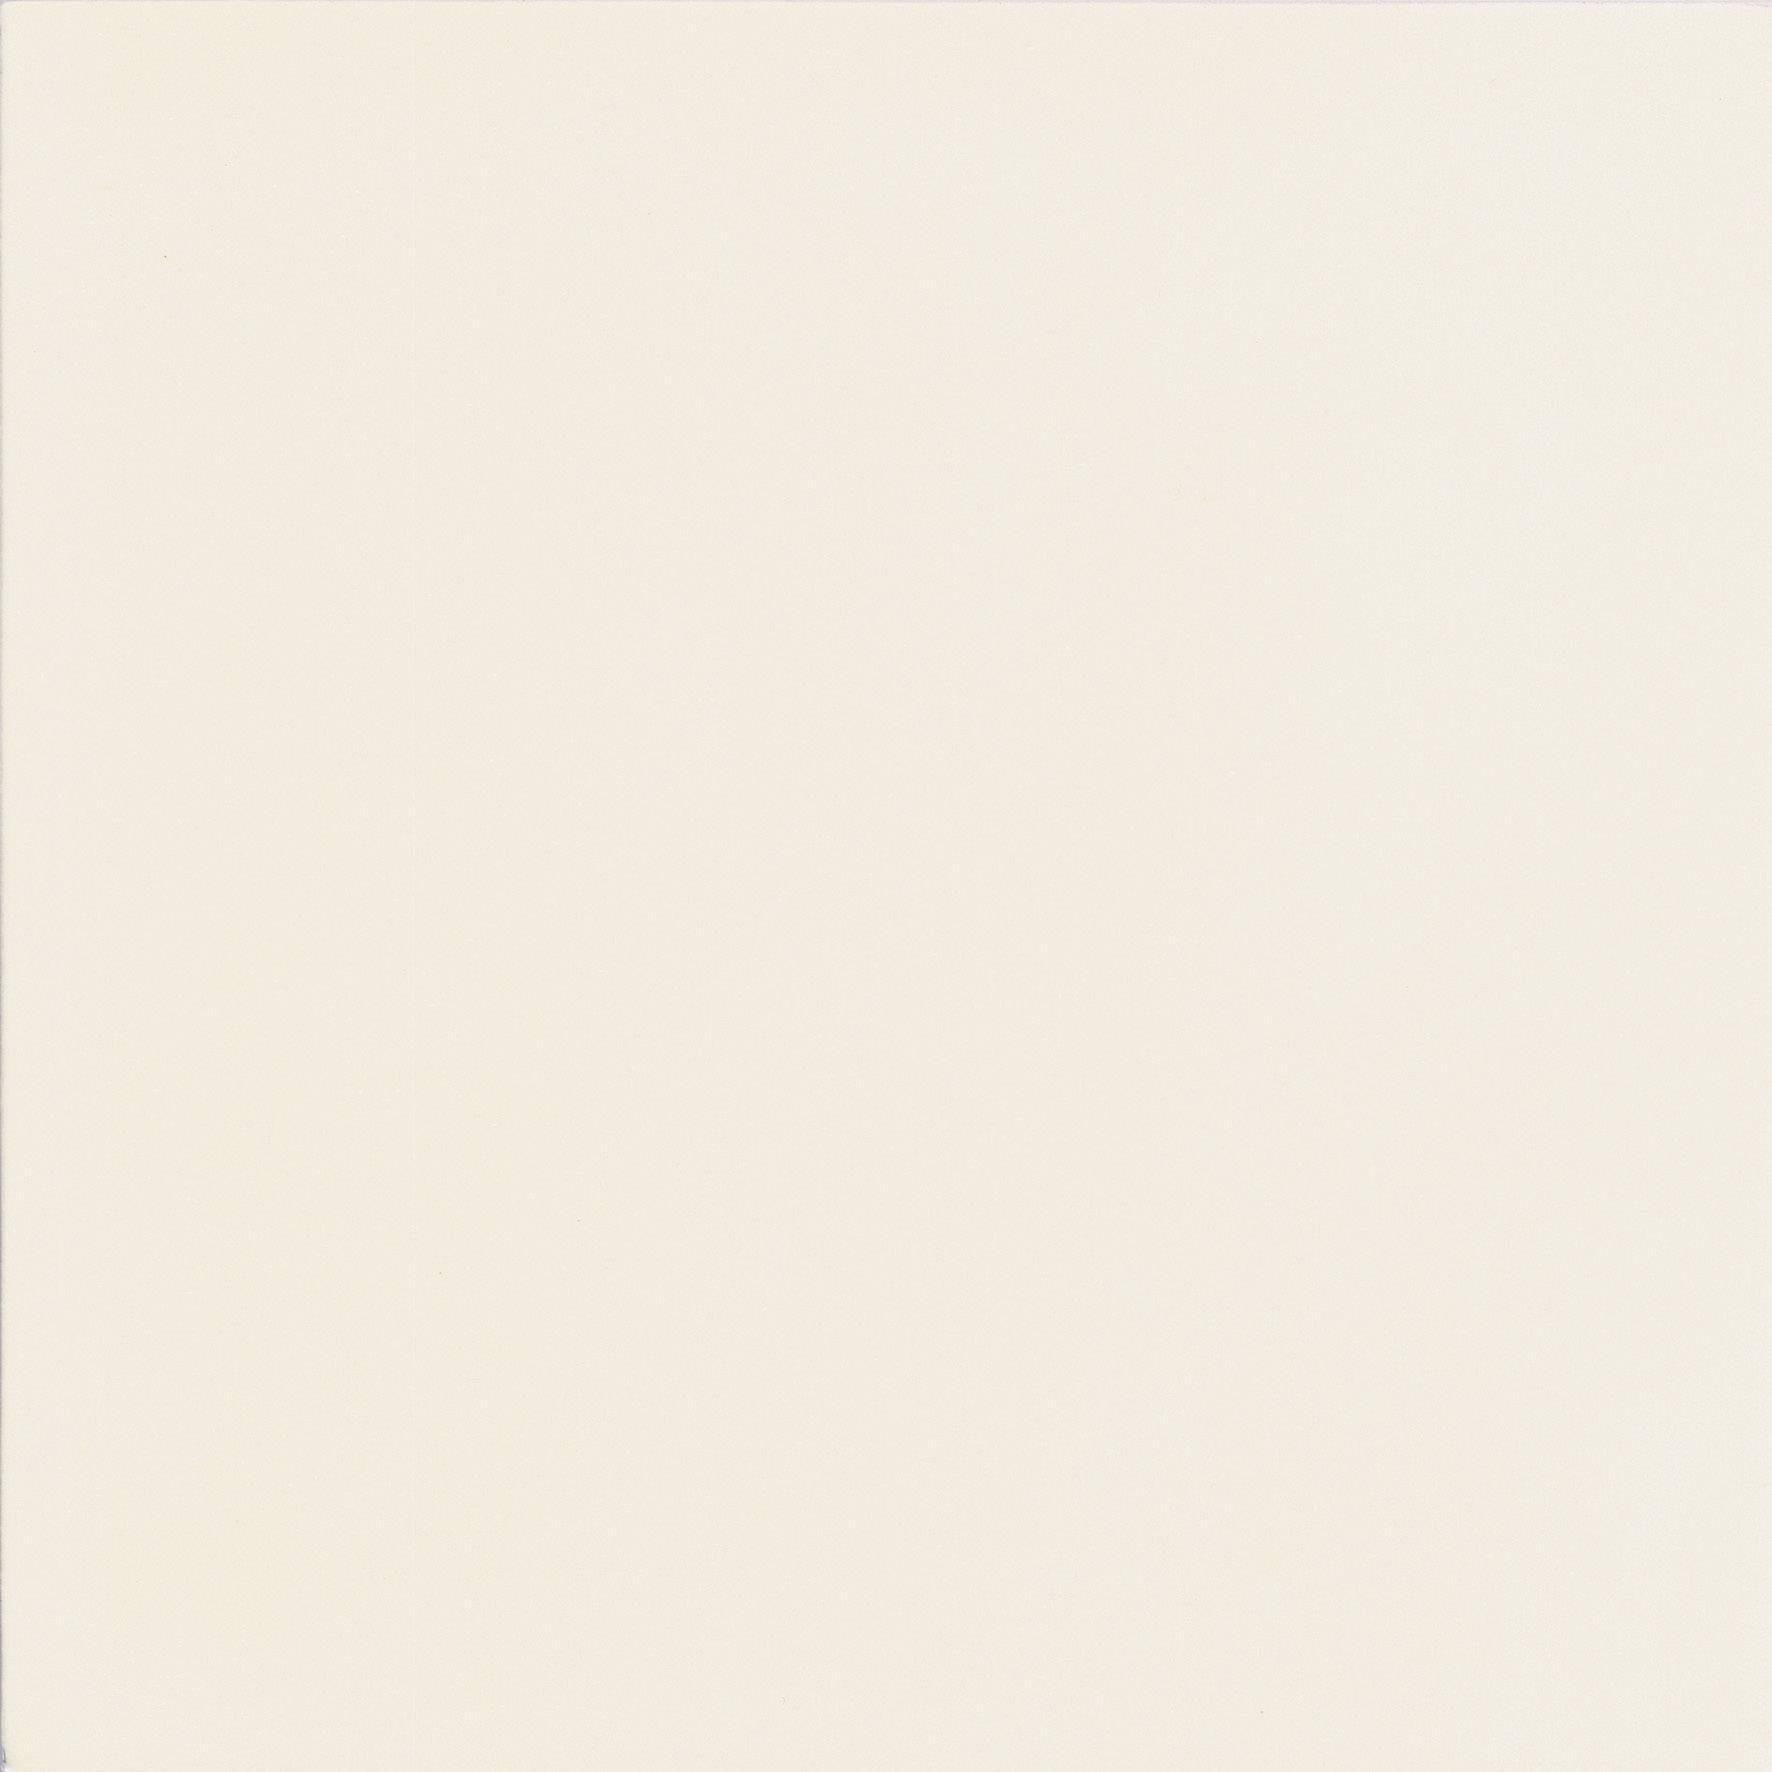 Teplovodivá fólie Kerafol 86/200, 100 x 100 x 1 mm, růžová/žlutá